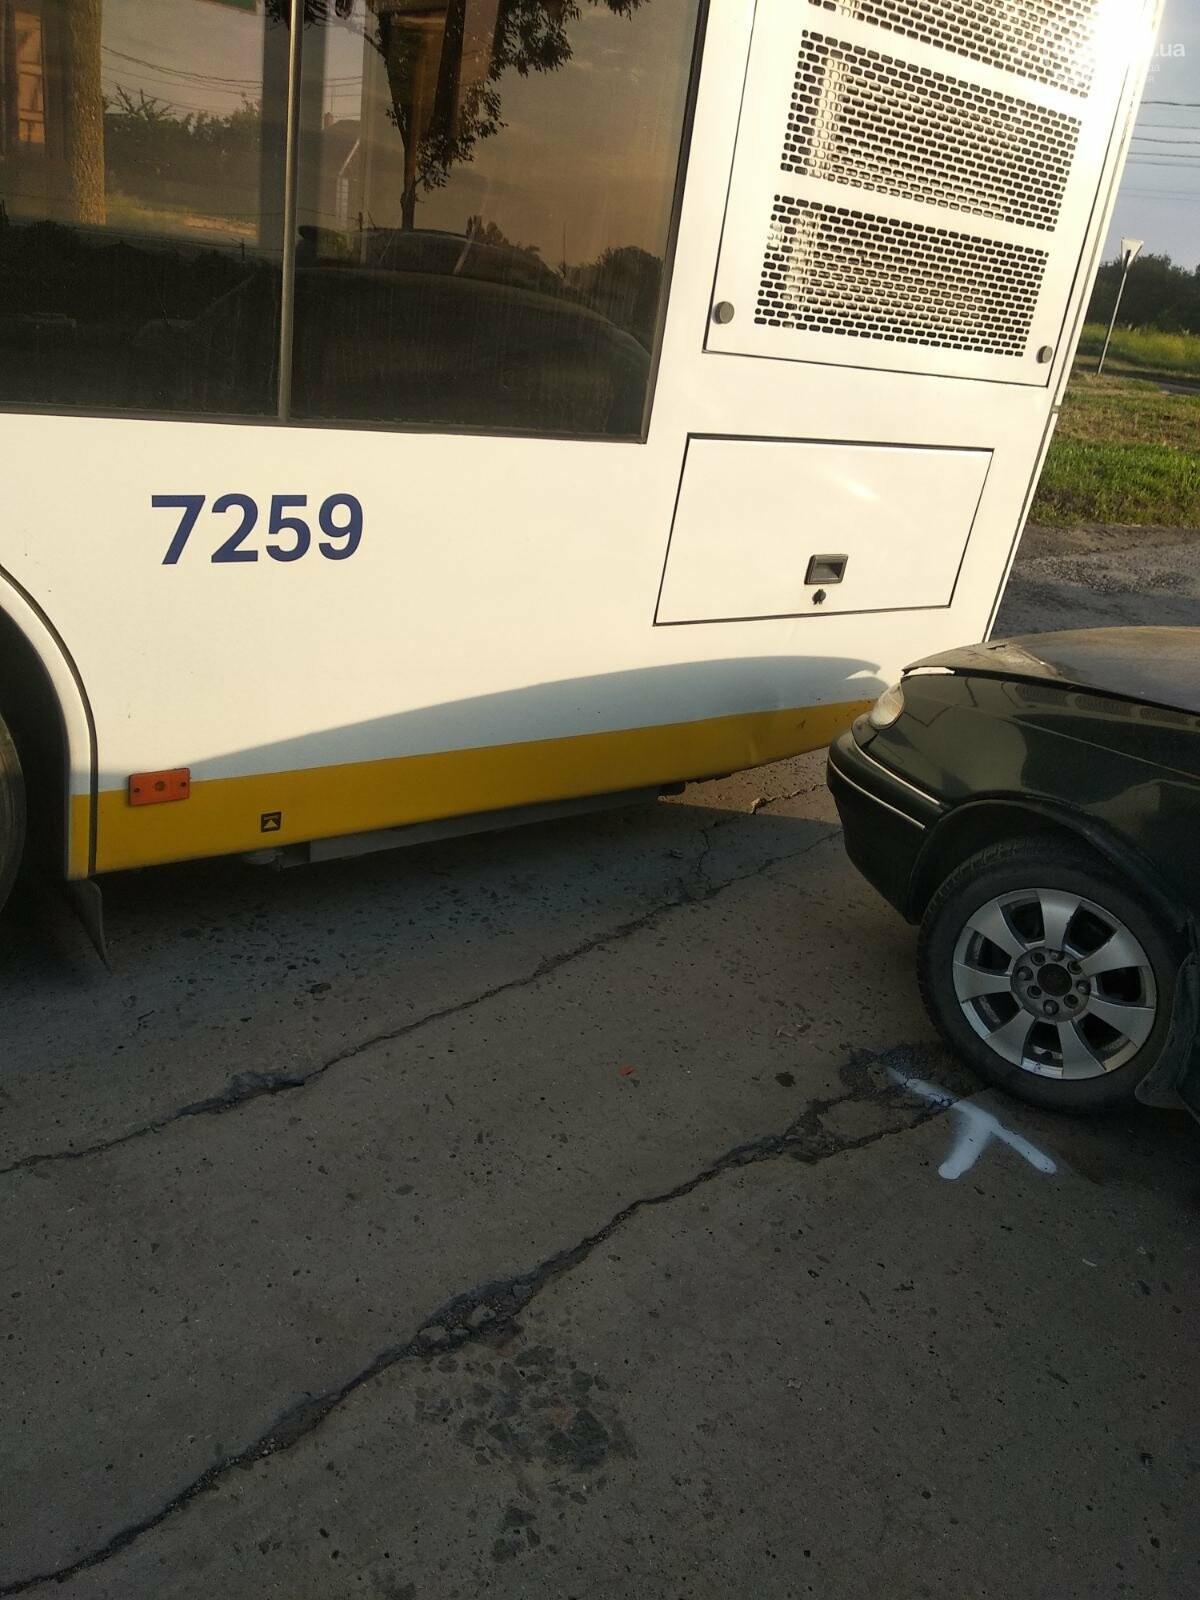 В Мариуполе Daewoo влетел в трамвай. Водитель легковушки серьезно пострадал, - ФОТО, фото-16